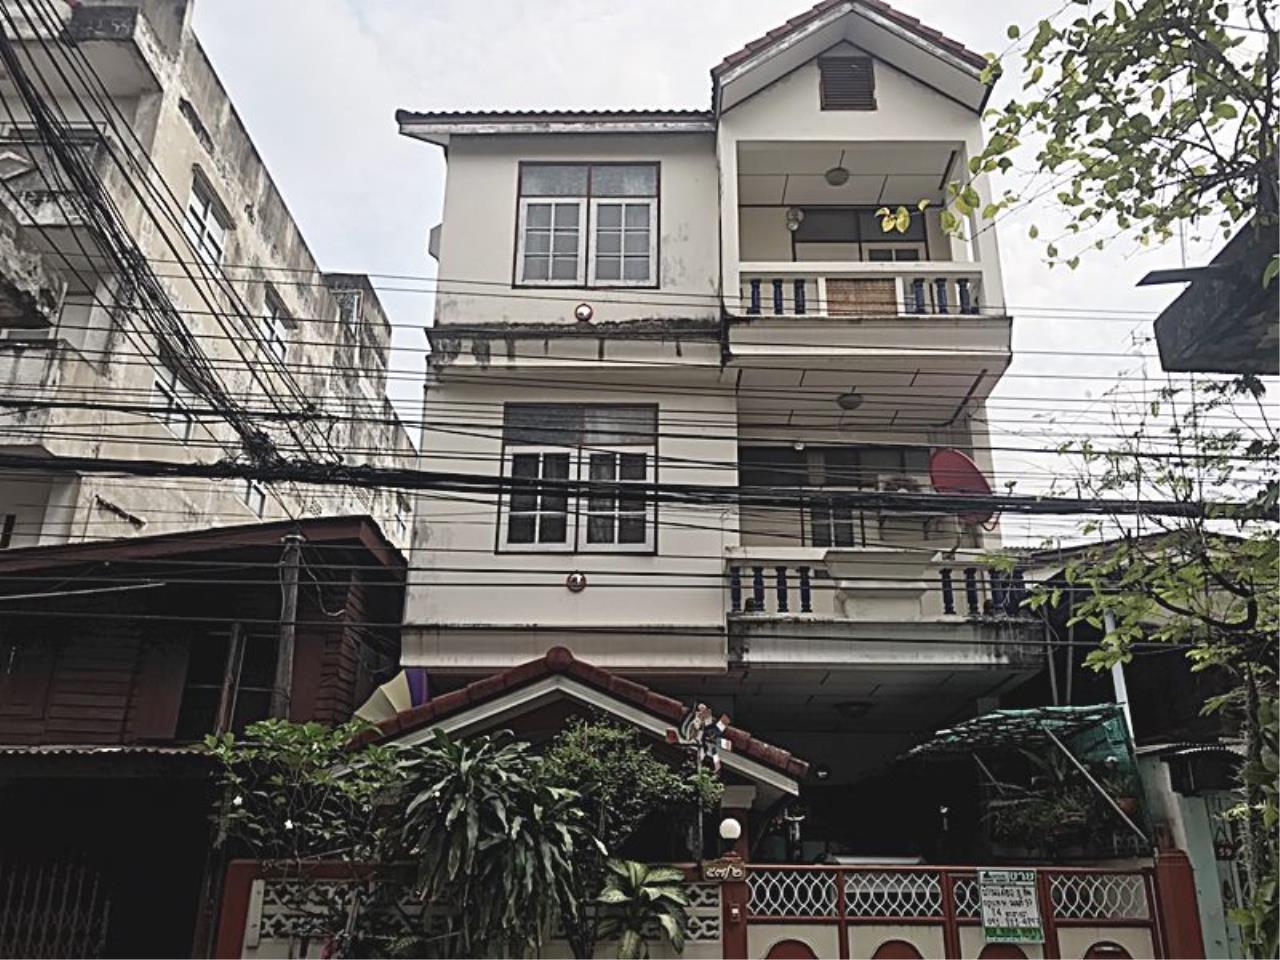 ขาย บ้าน แขวงบางซื่อ เขตบางซื่อ กรุงเทพมหานคร, ภาพที่ 2